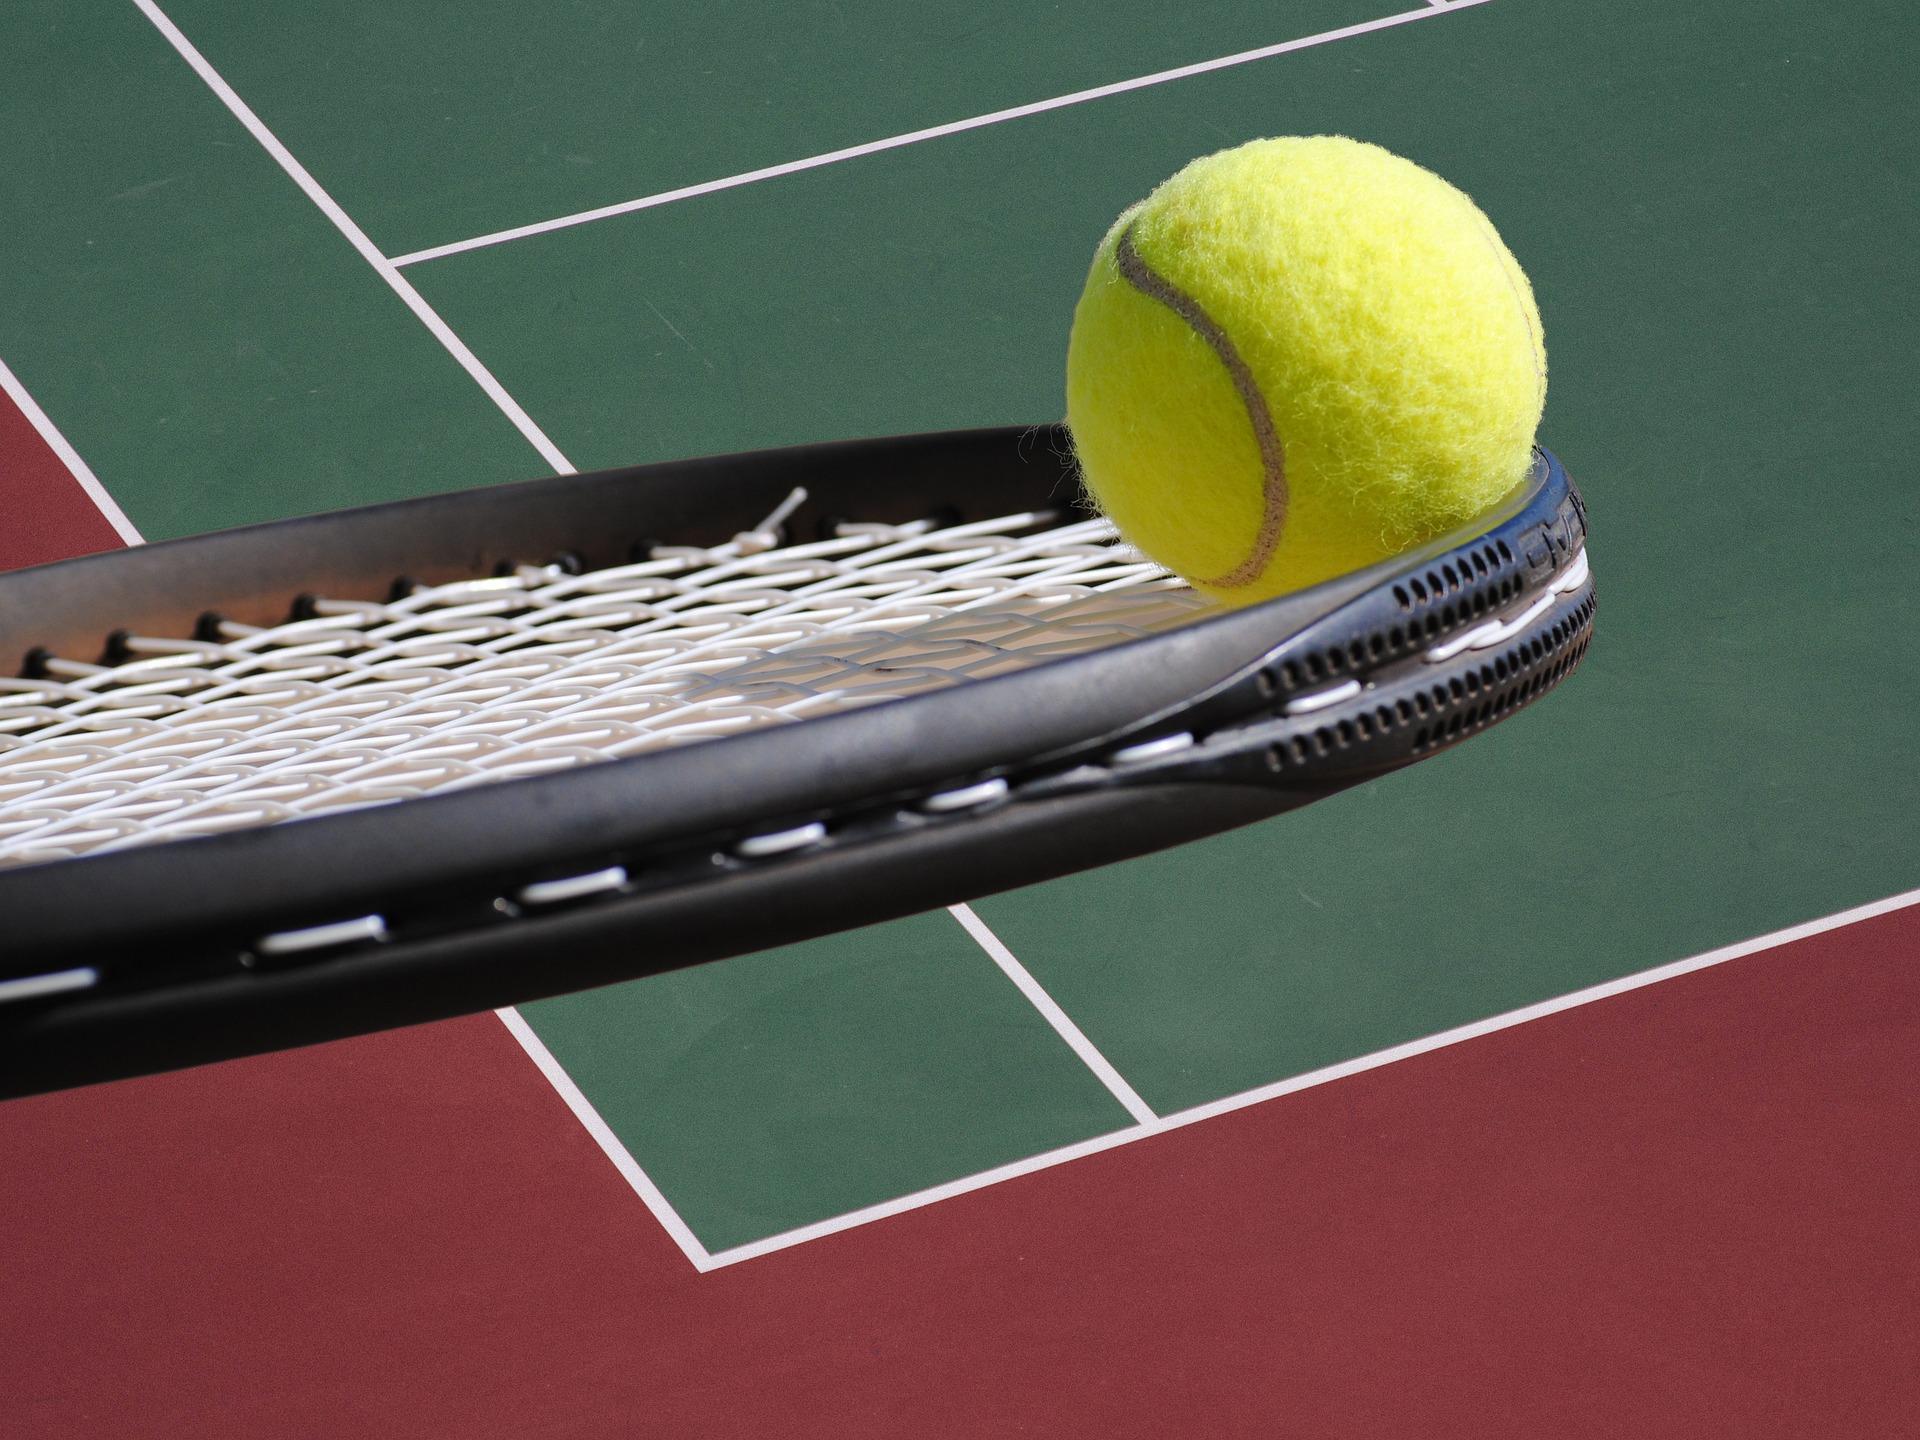 Ракетка и теннисный мяч